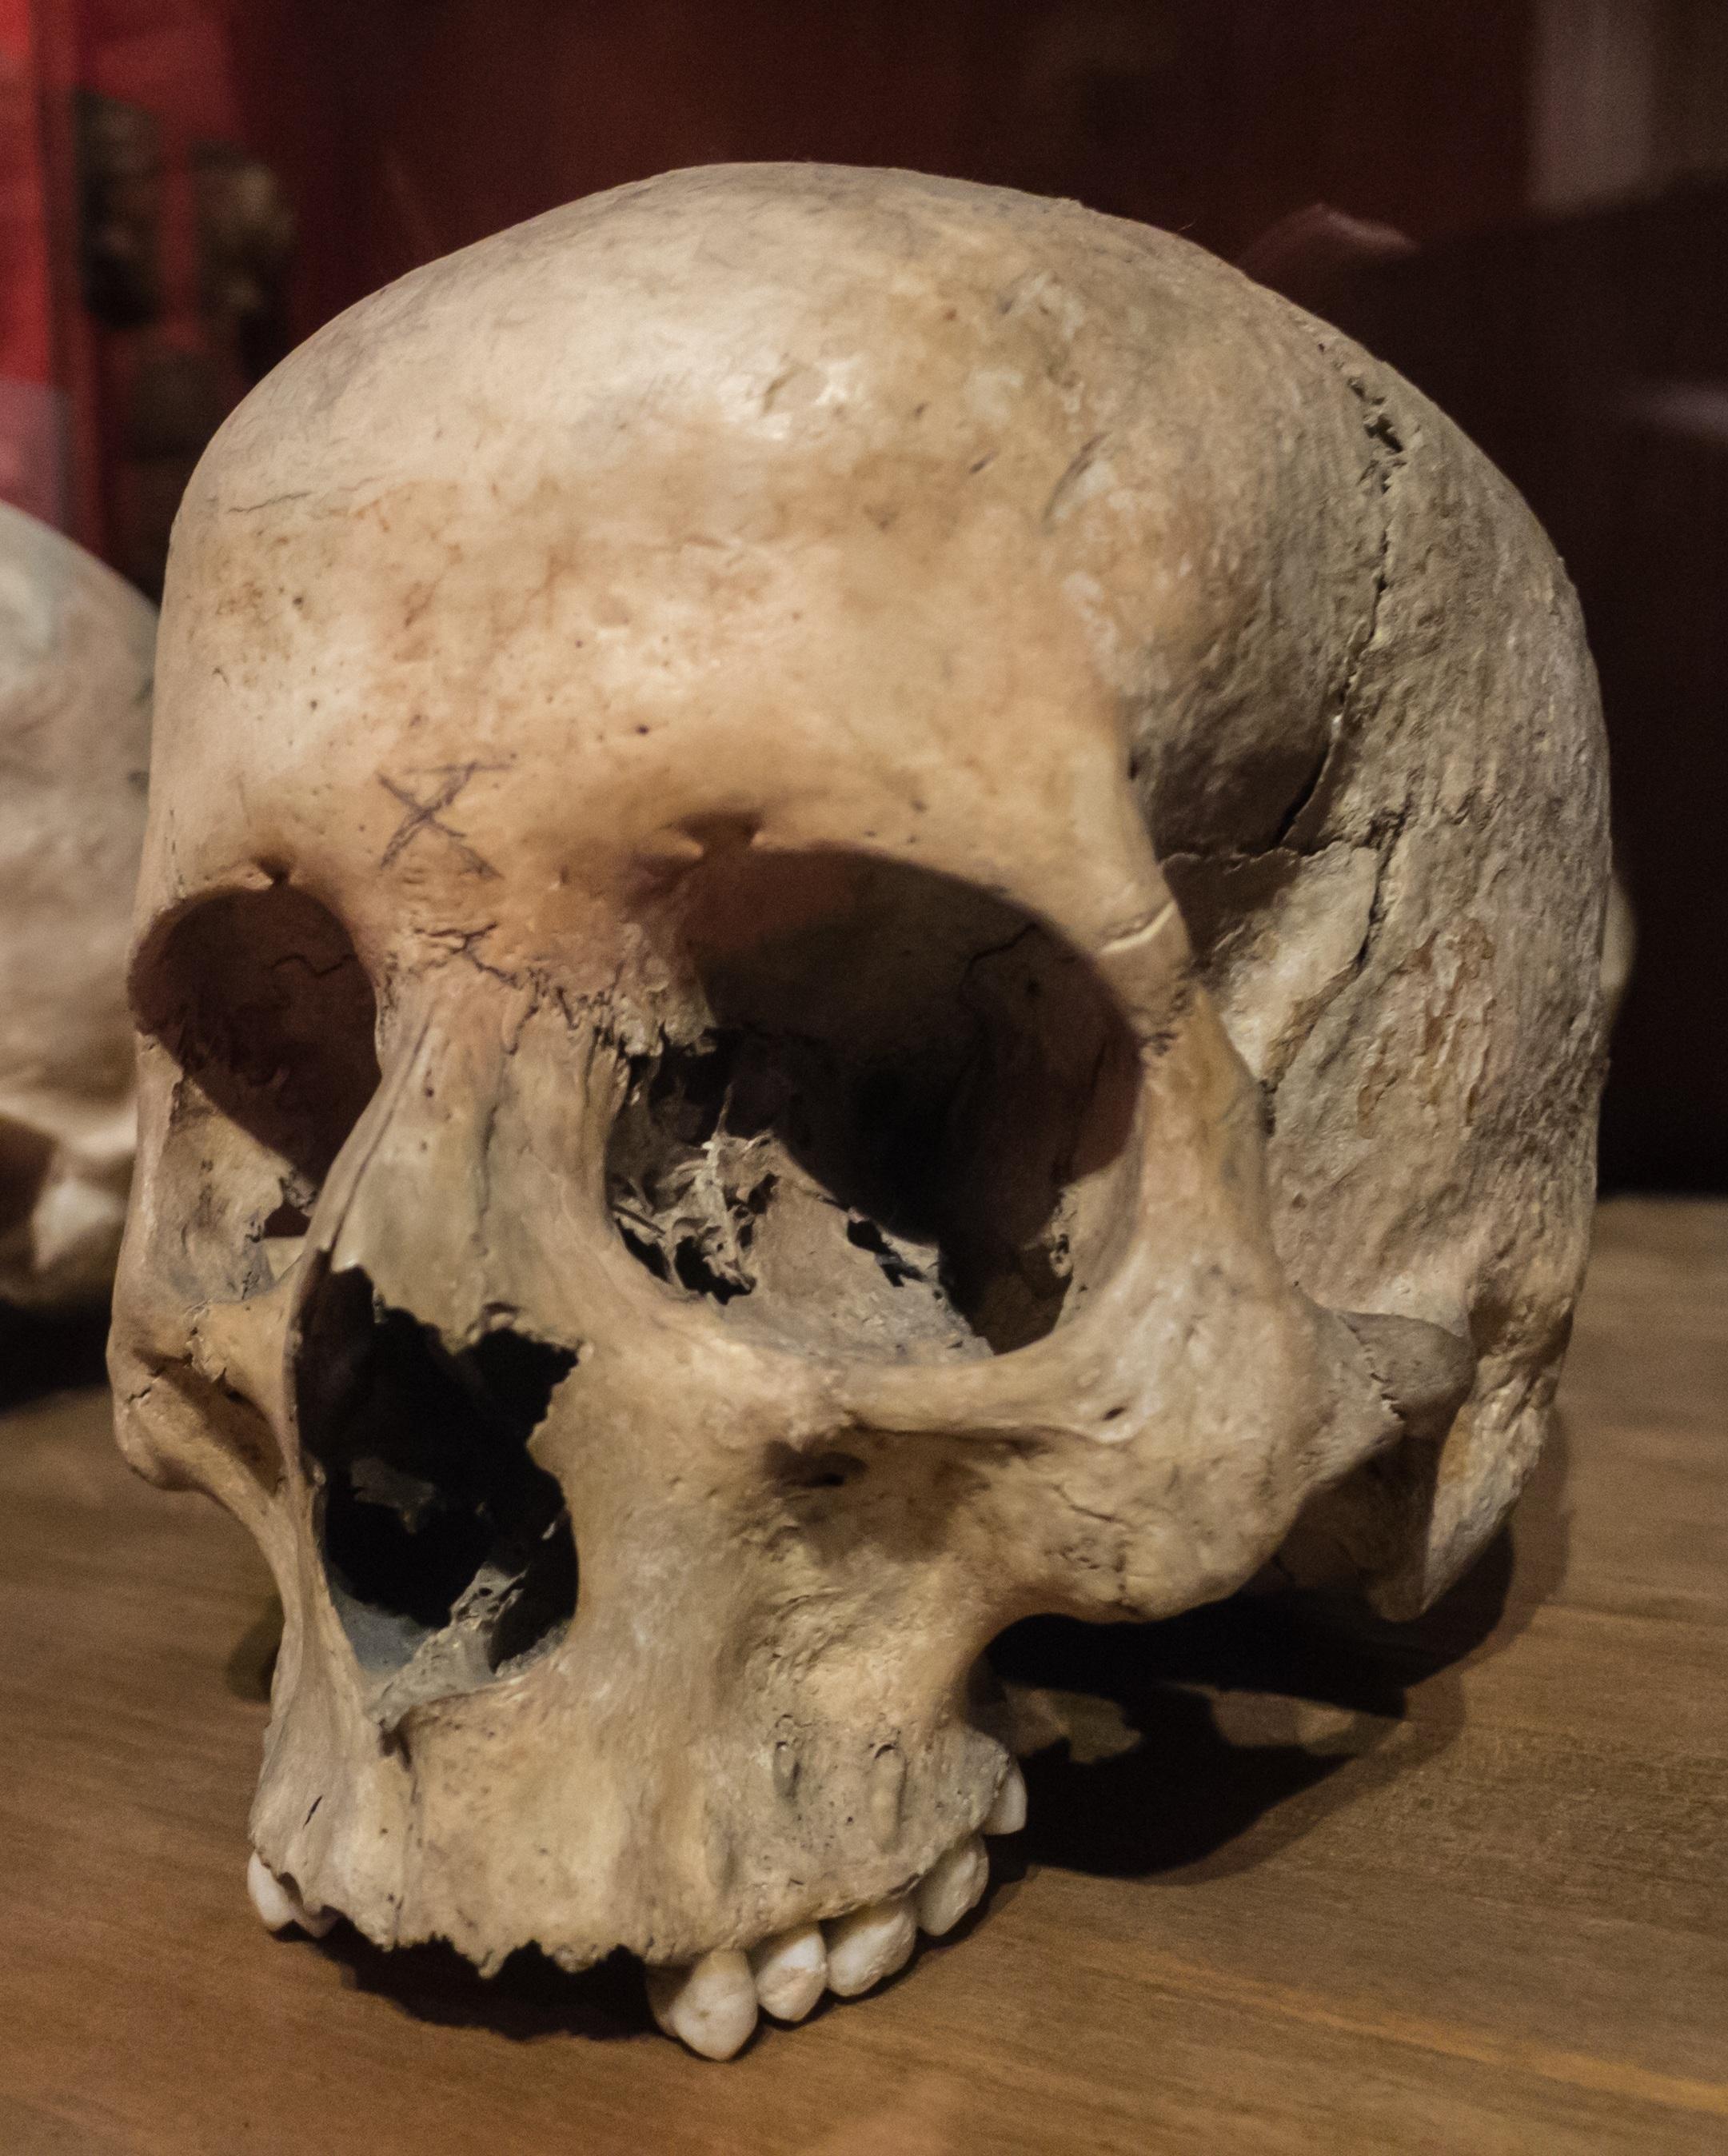 Fotos gratis : museo, muerte, cráneo, hueso, escultura ...